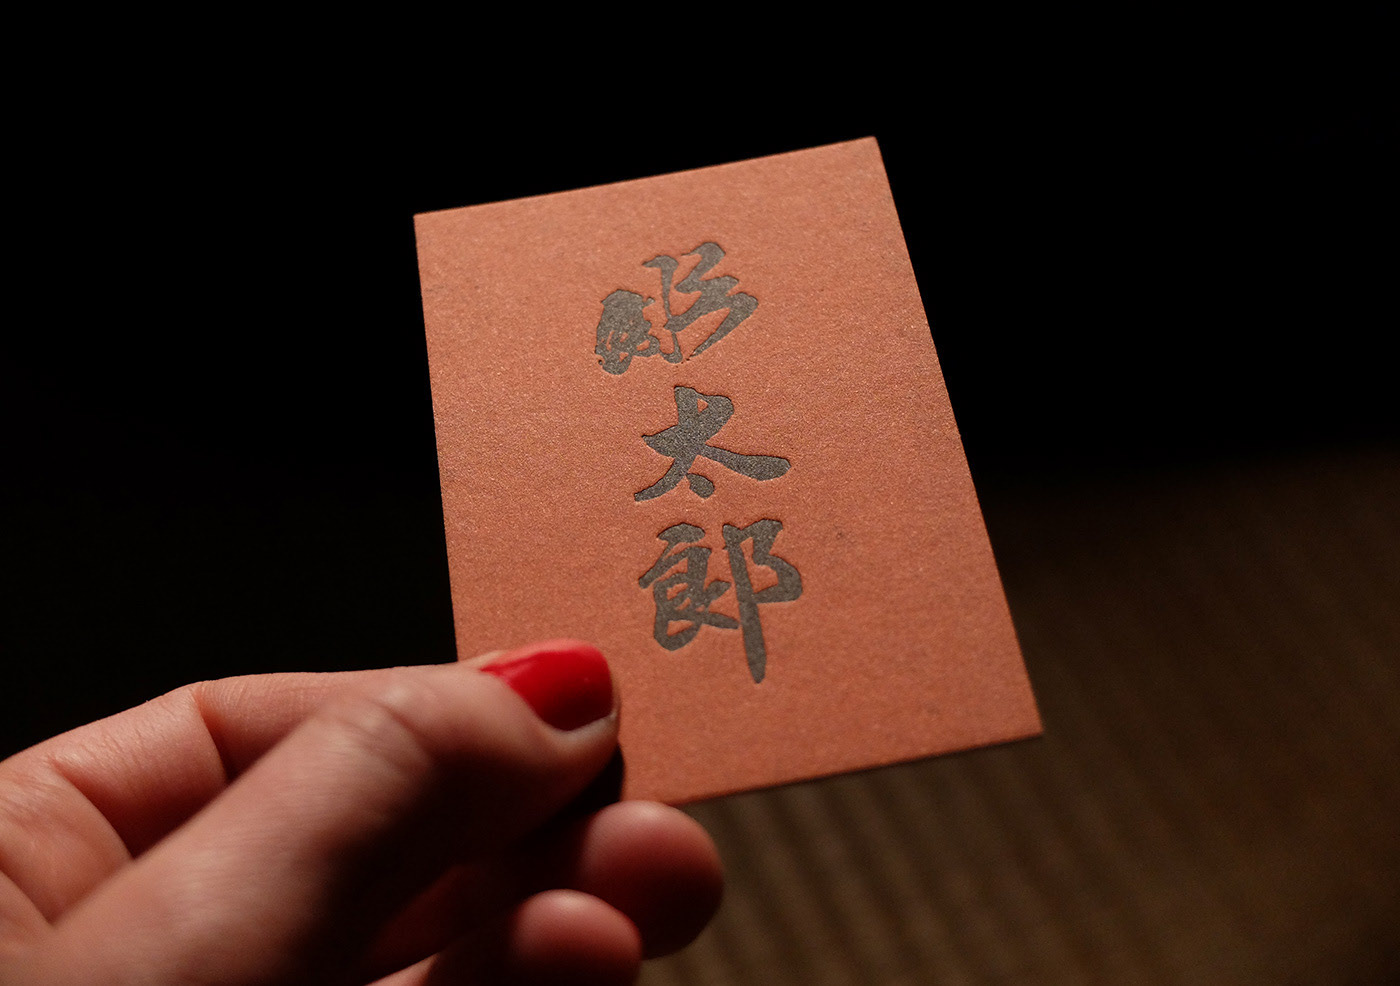 凸版印刷名片案例